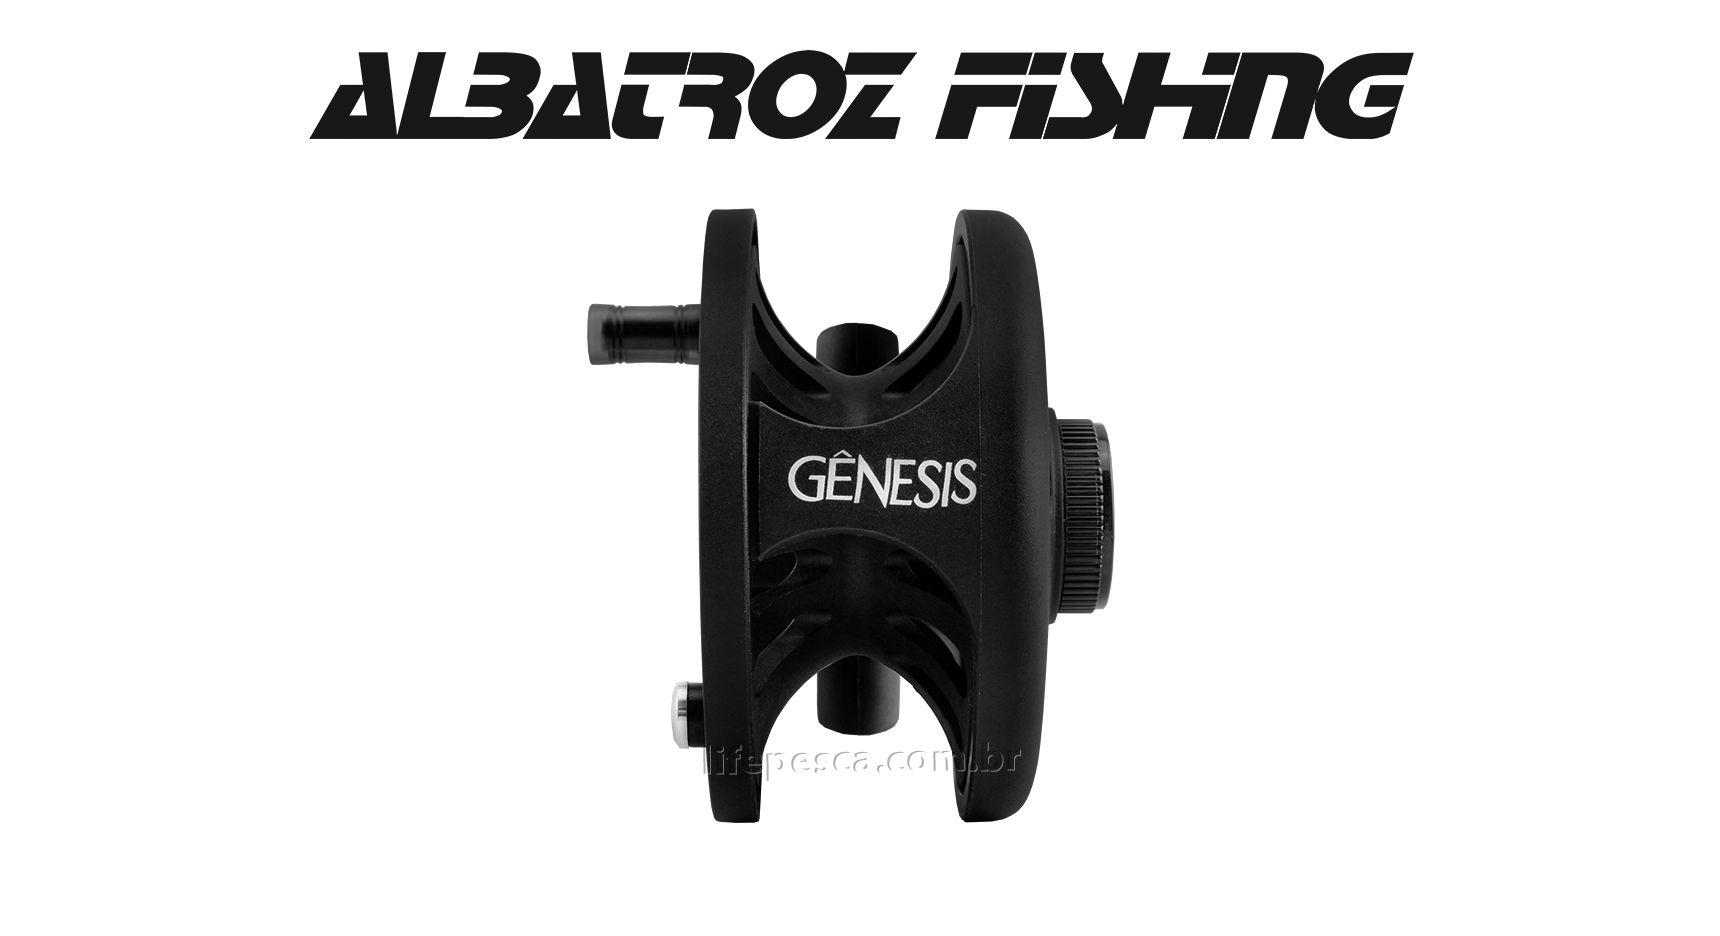 Carretilha Gênesis 6/8 Fly Fishing - Albatroz Fishing  - Life Pesca - Sua loja de Pesca, Camping e Lazer